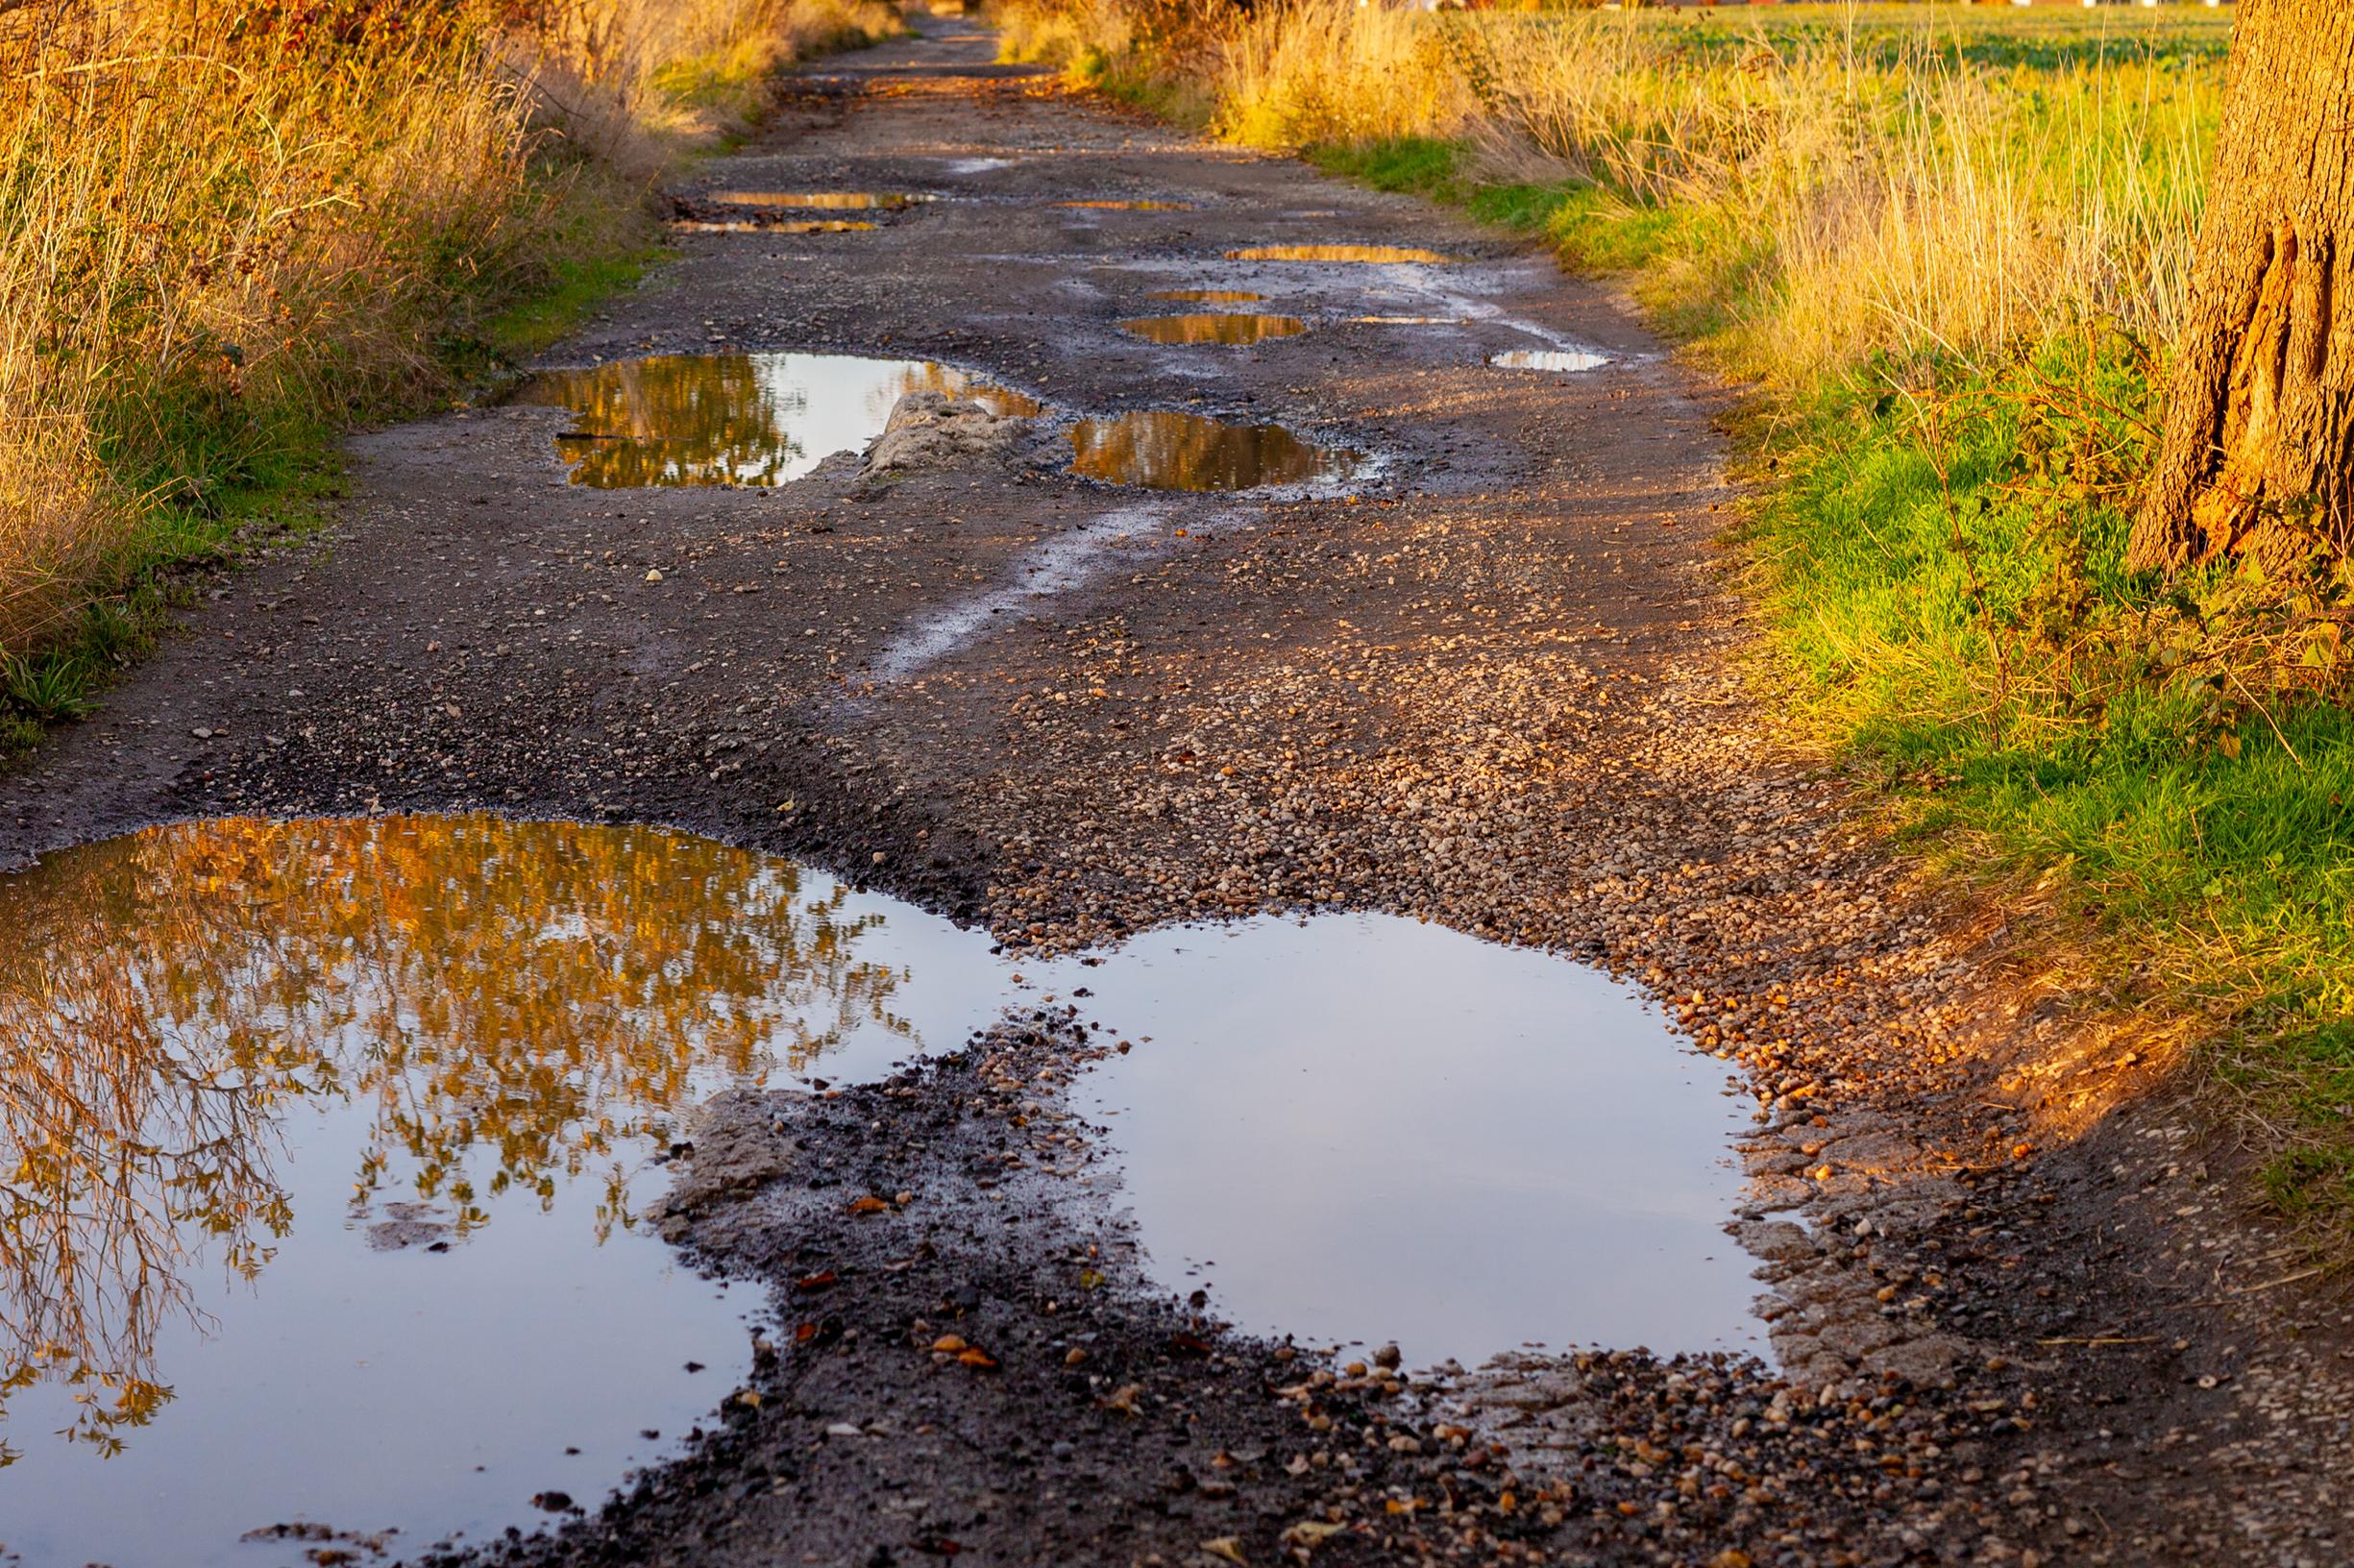 Une route avec des trous